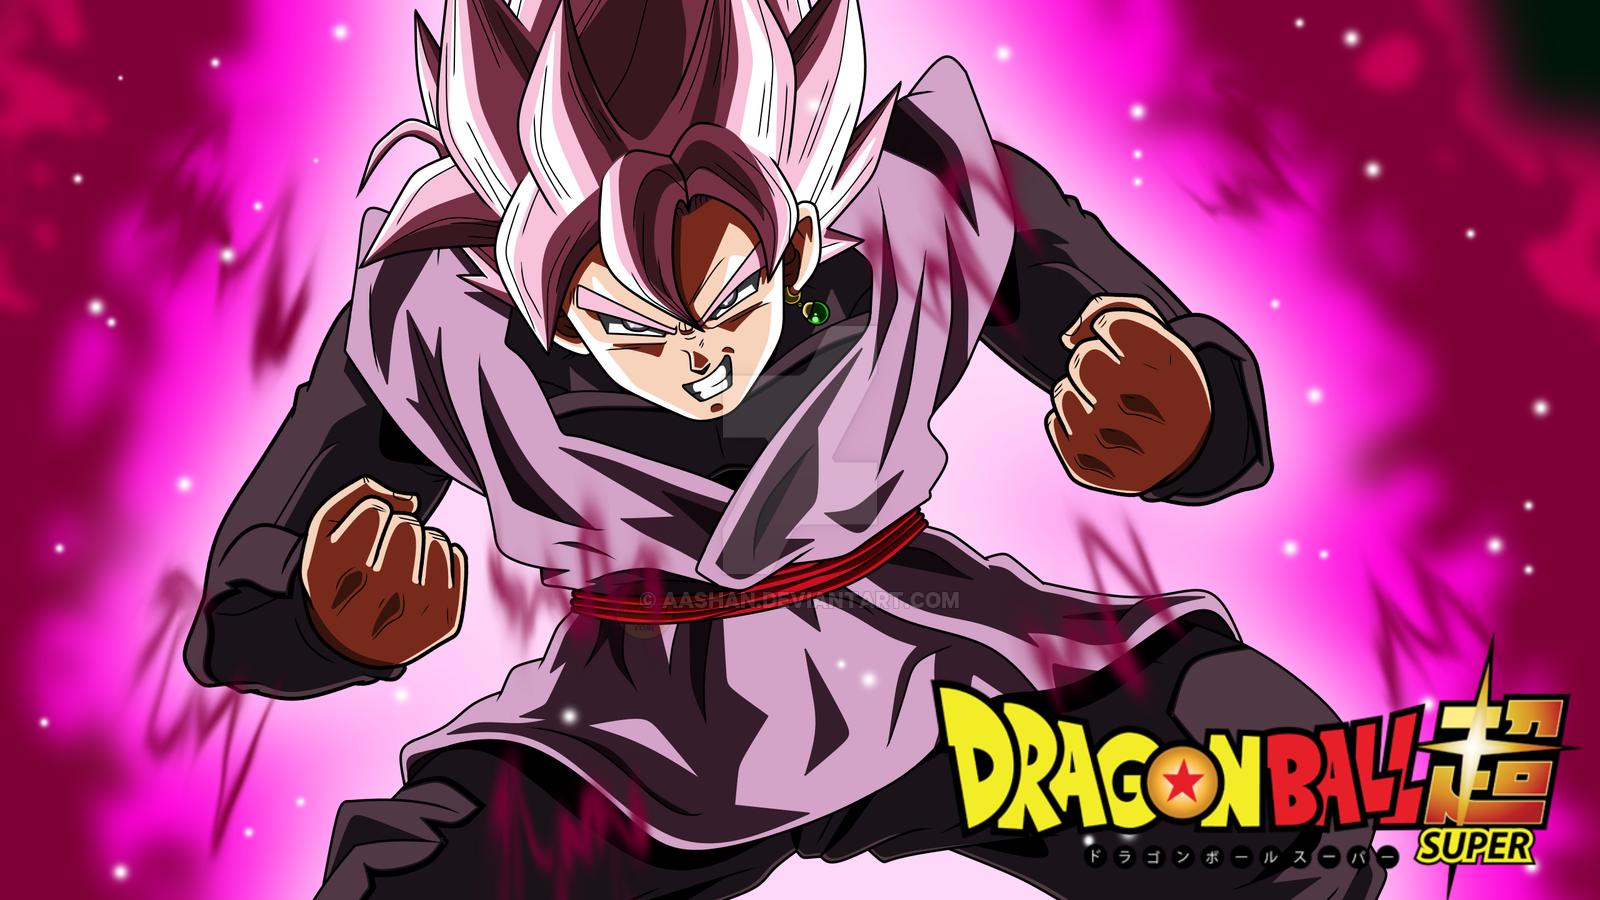 Free Download Goku Black Super Saiyan Rose Powering Up By Aashan